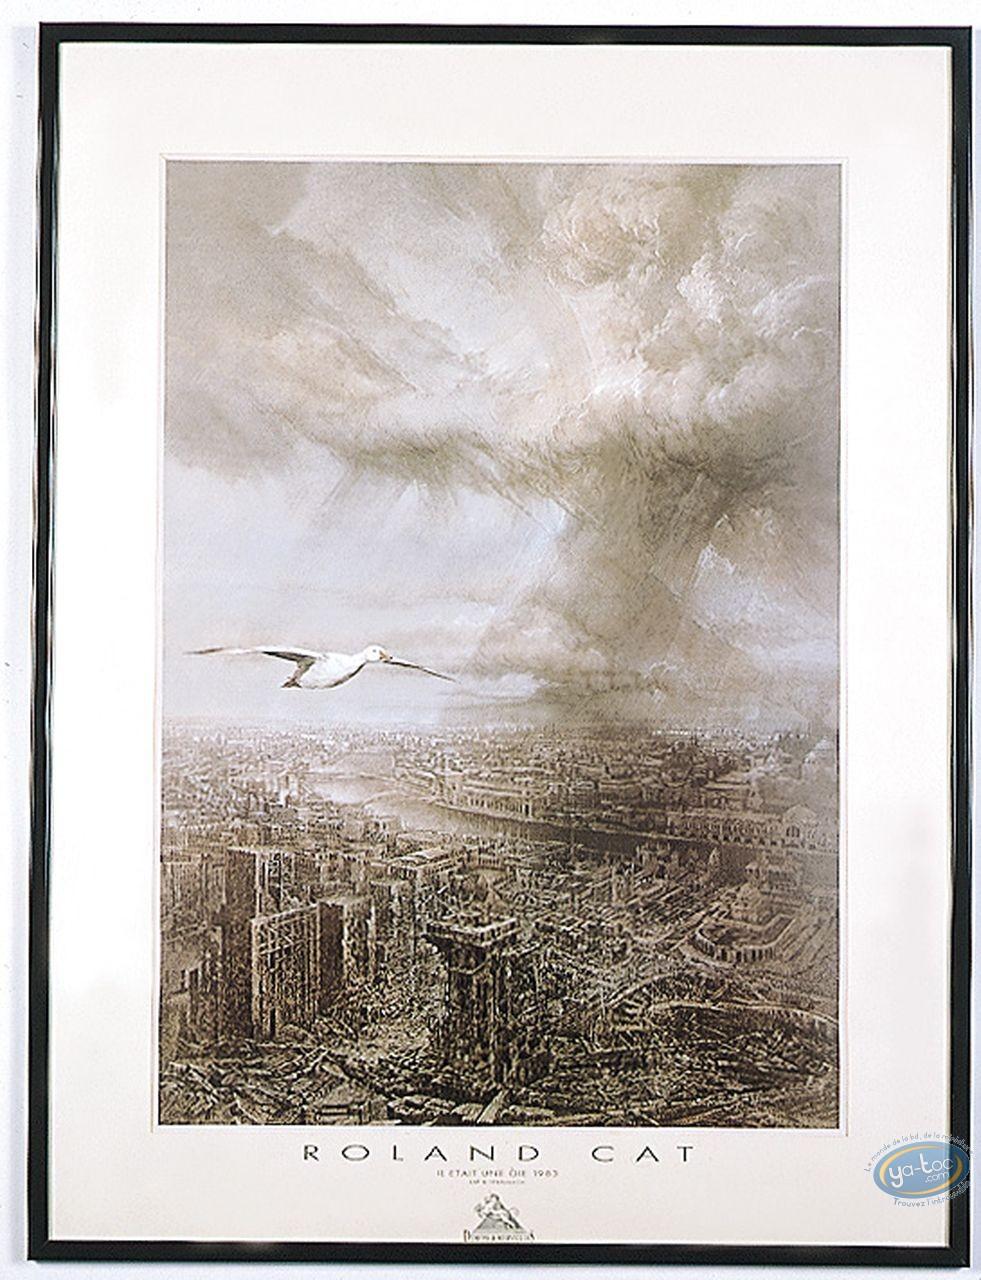 Affiche Offset, Roland Cat : Oie